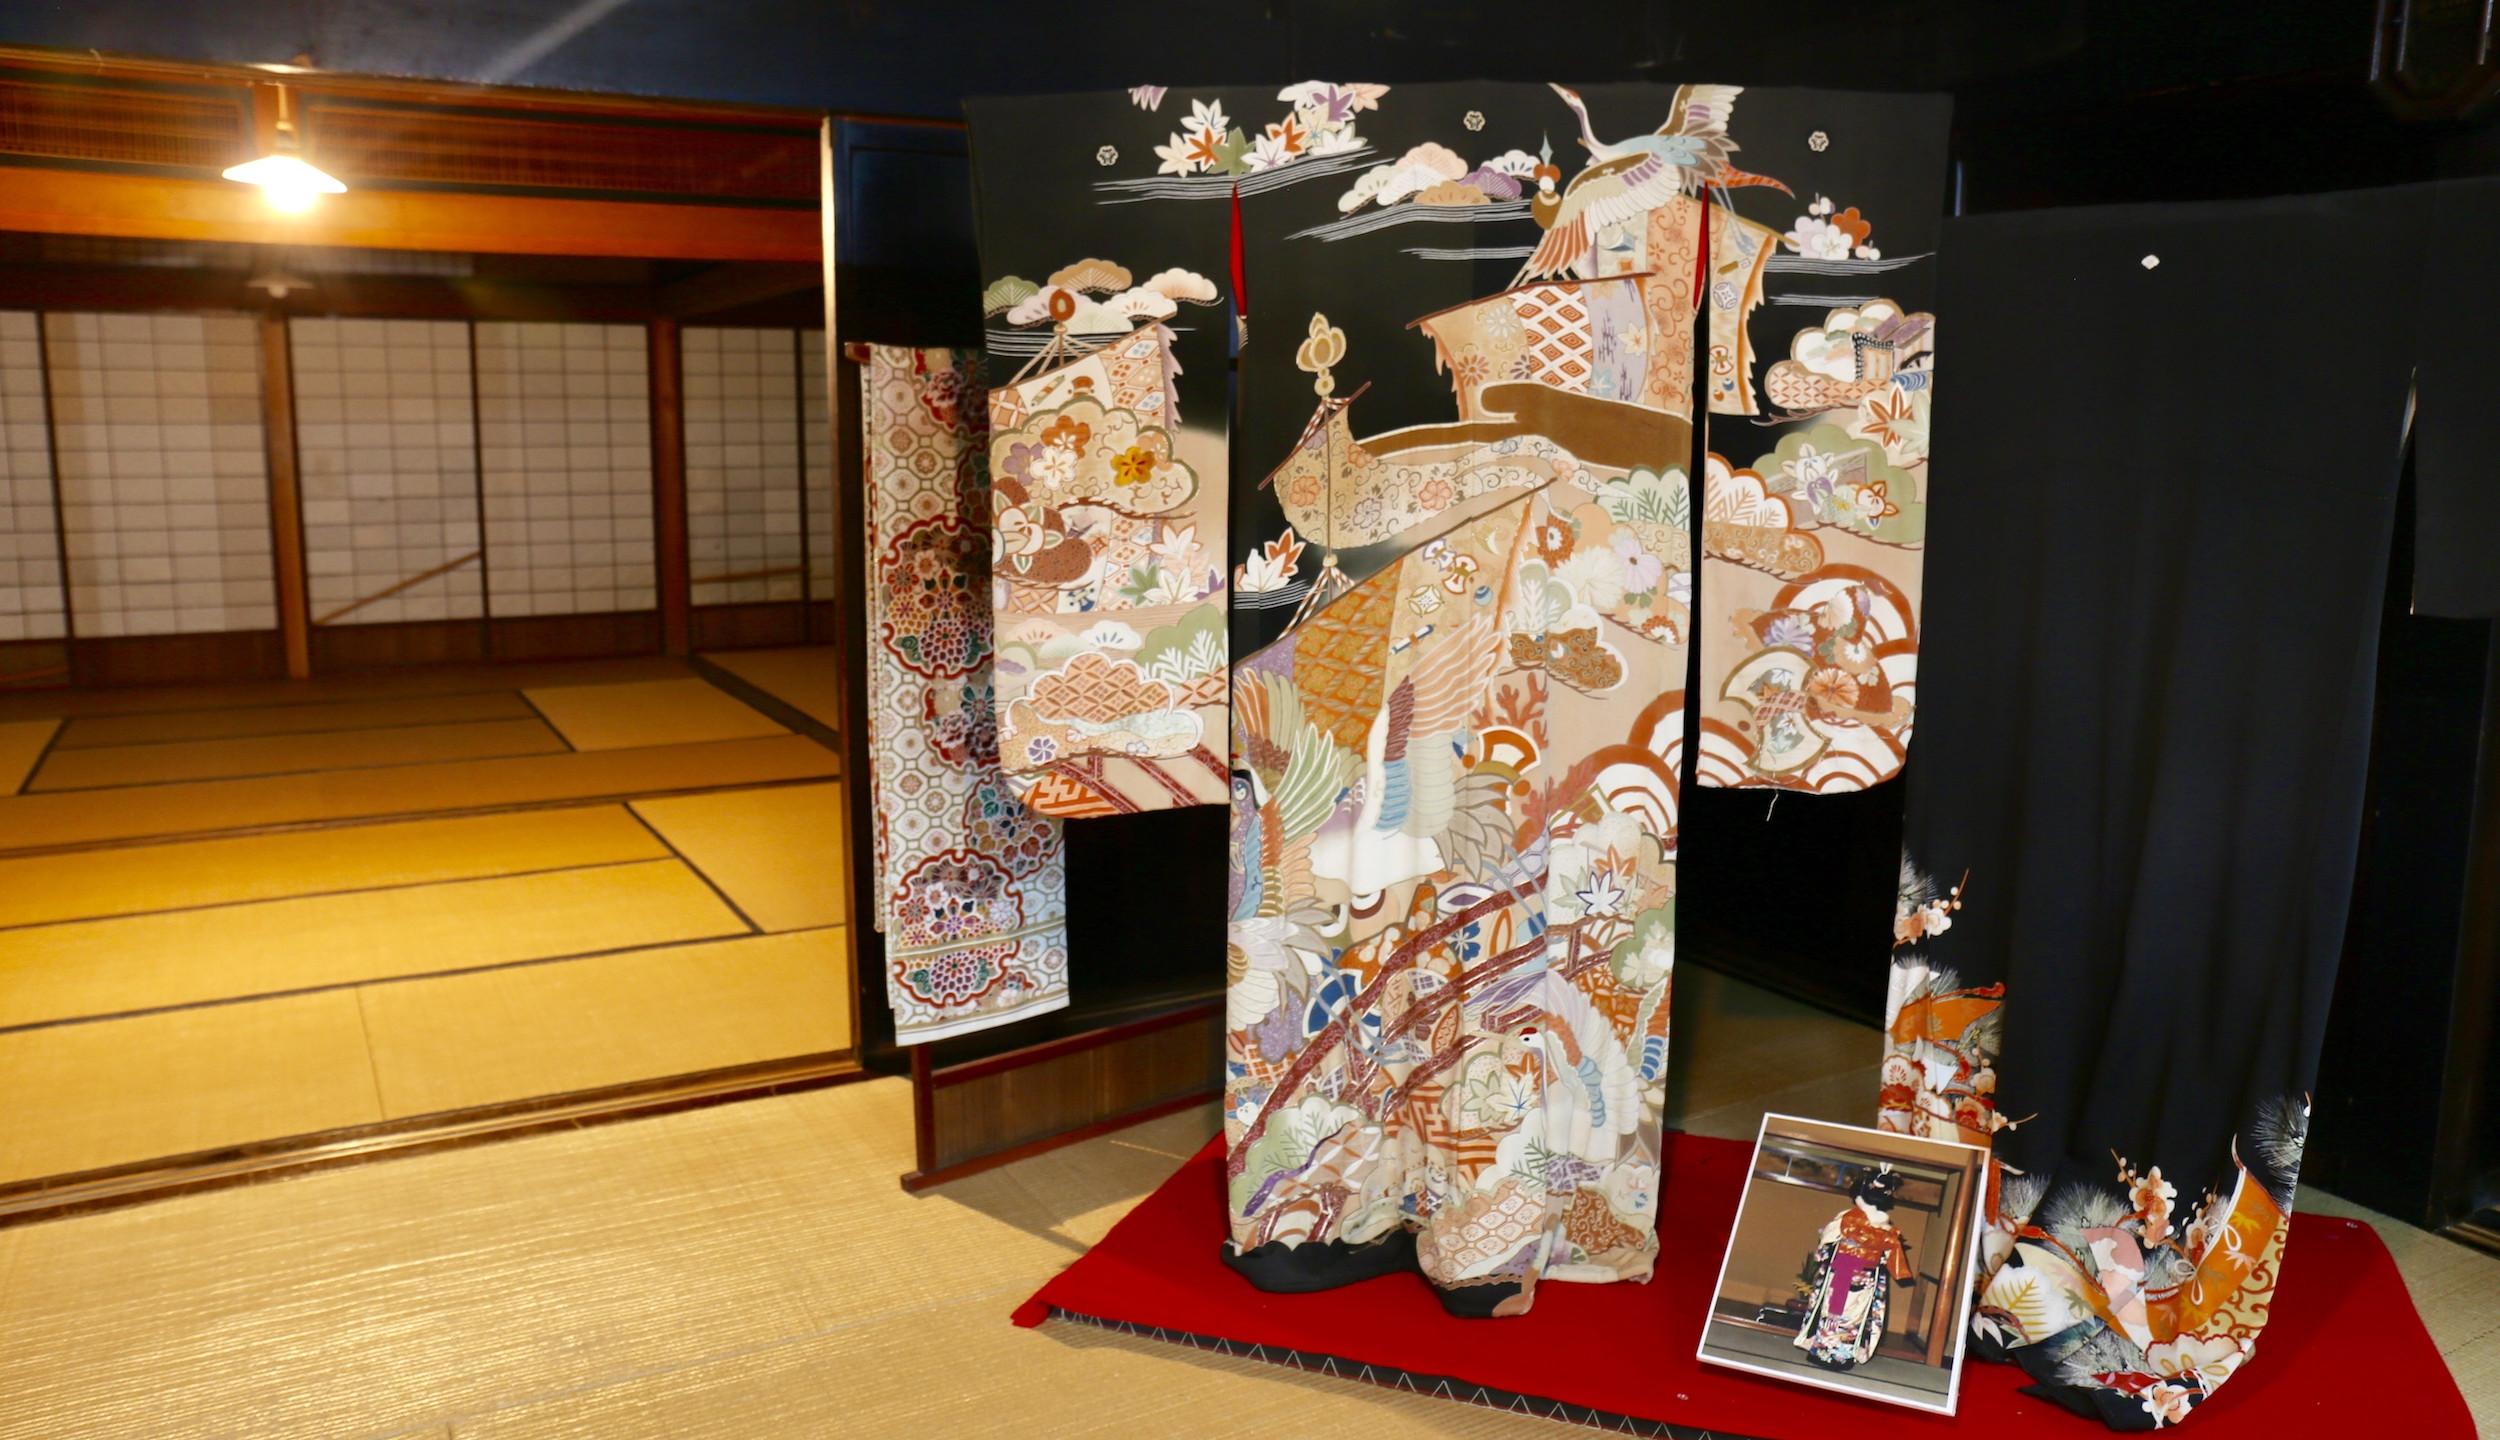 Quimono de casamento exibido em uma das casas do museu.